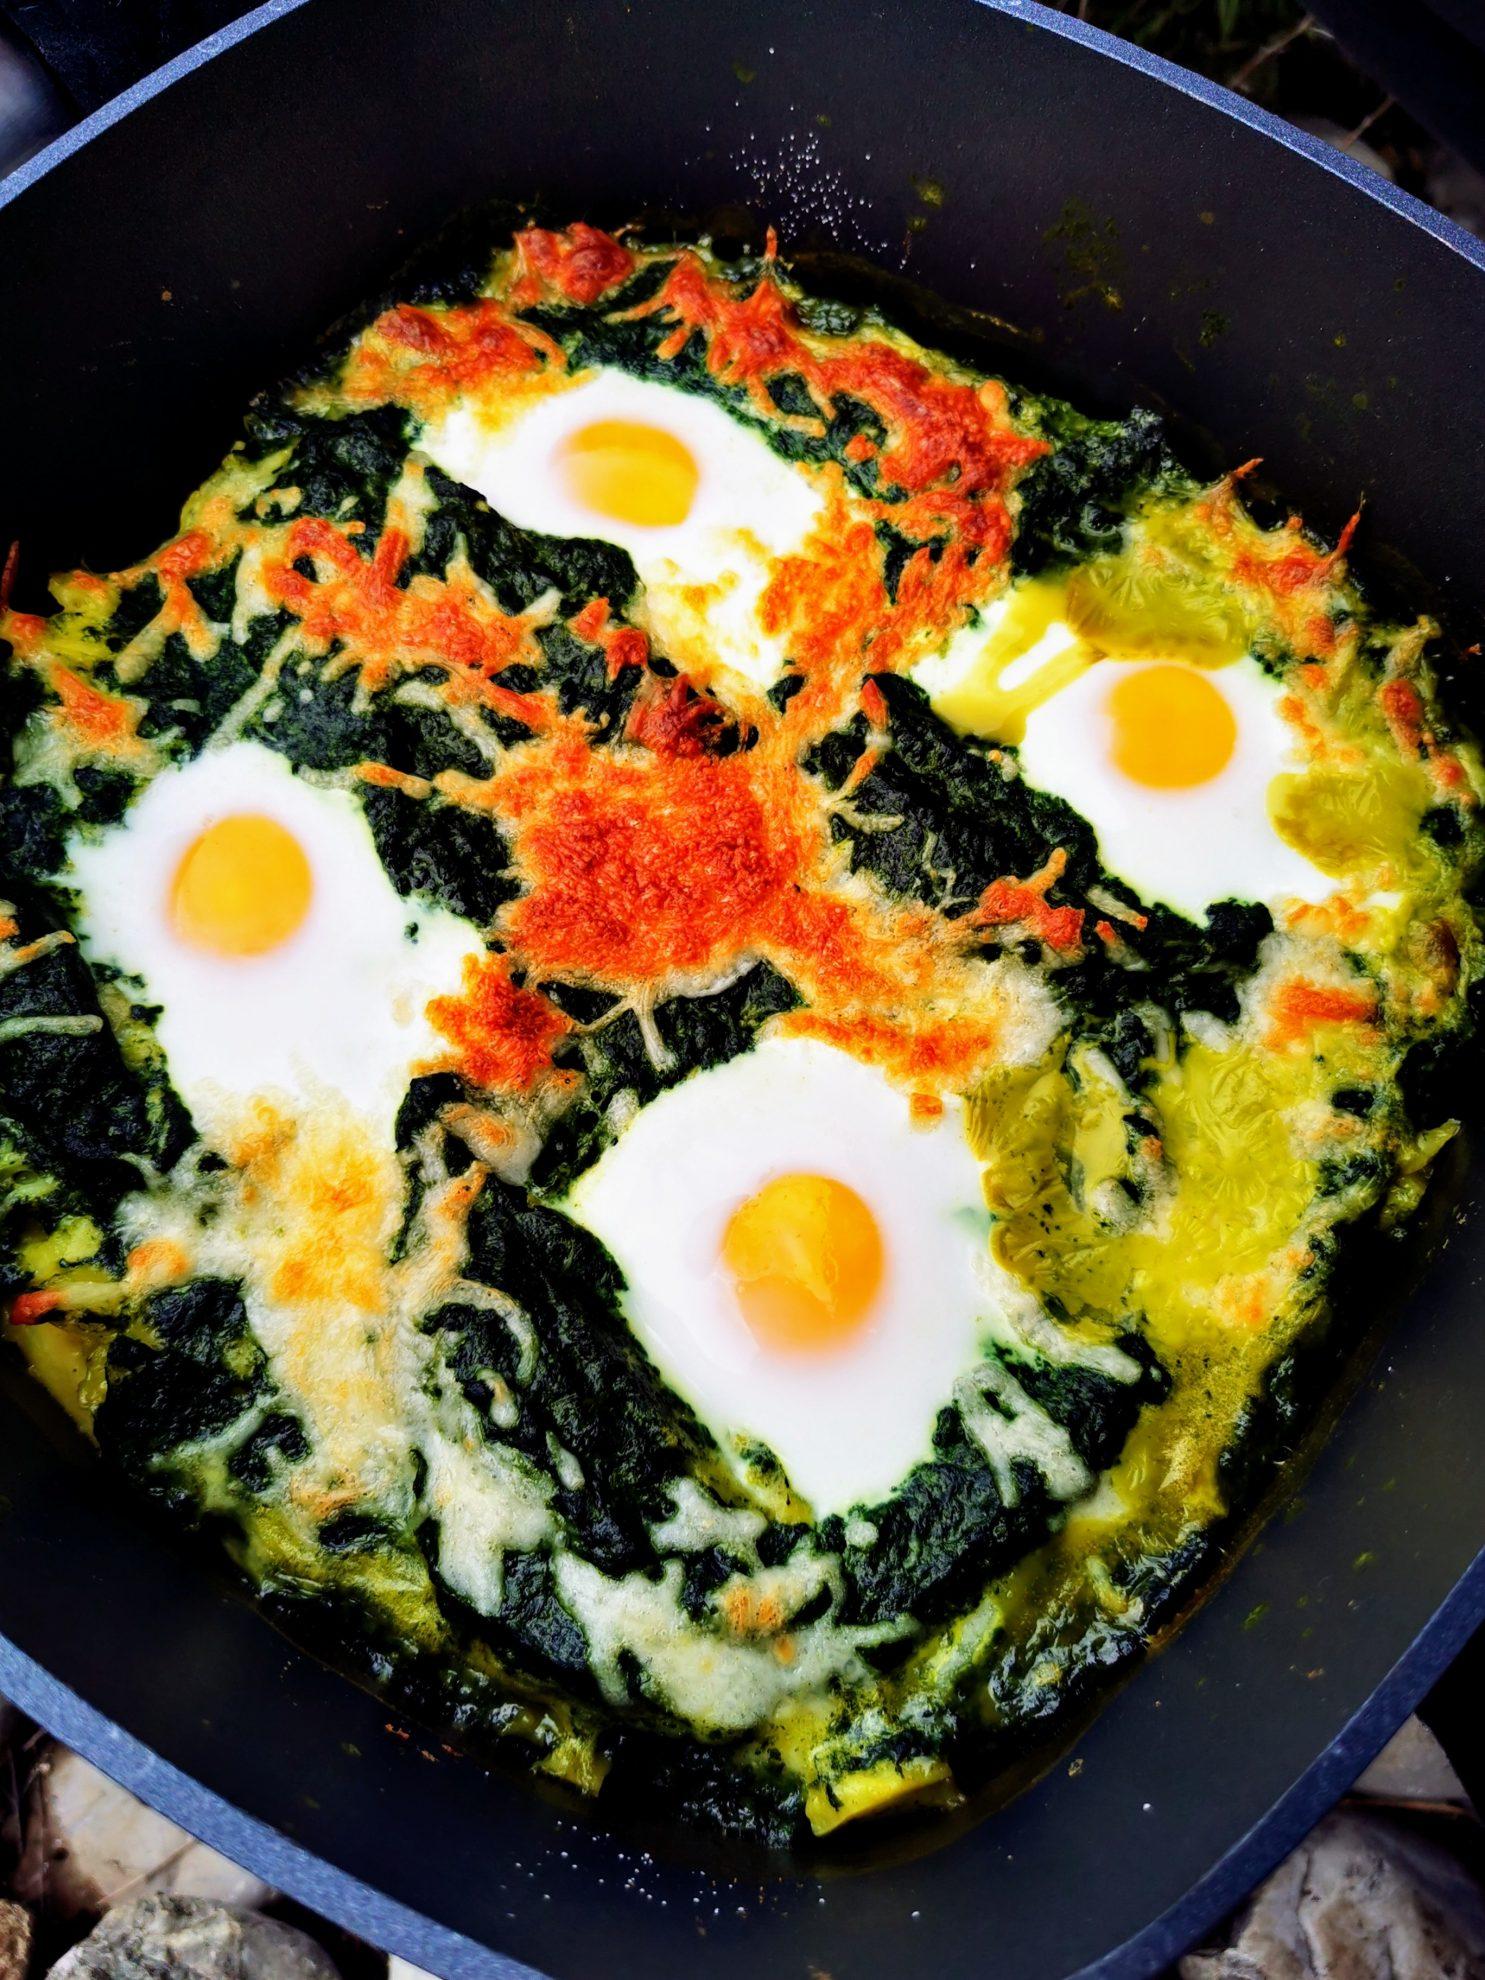 Leckerer Auflauf aus Spinat Kartoffeln und Ei. Ein tolles Kochrezept für die Familie, das das Lieblingsessen vieler Kinder neu interpretiert.